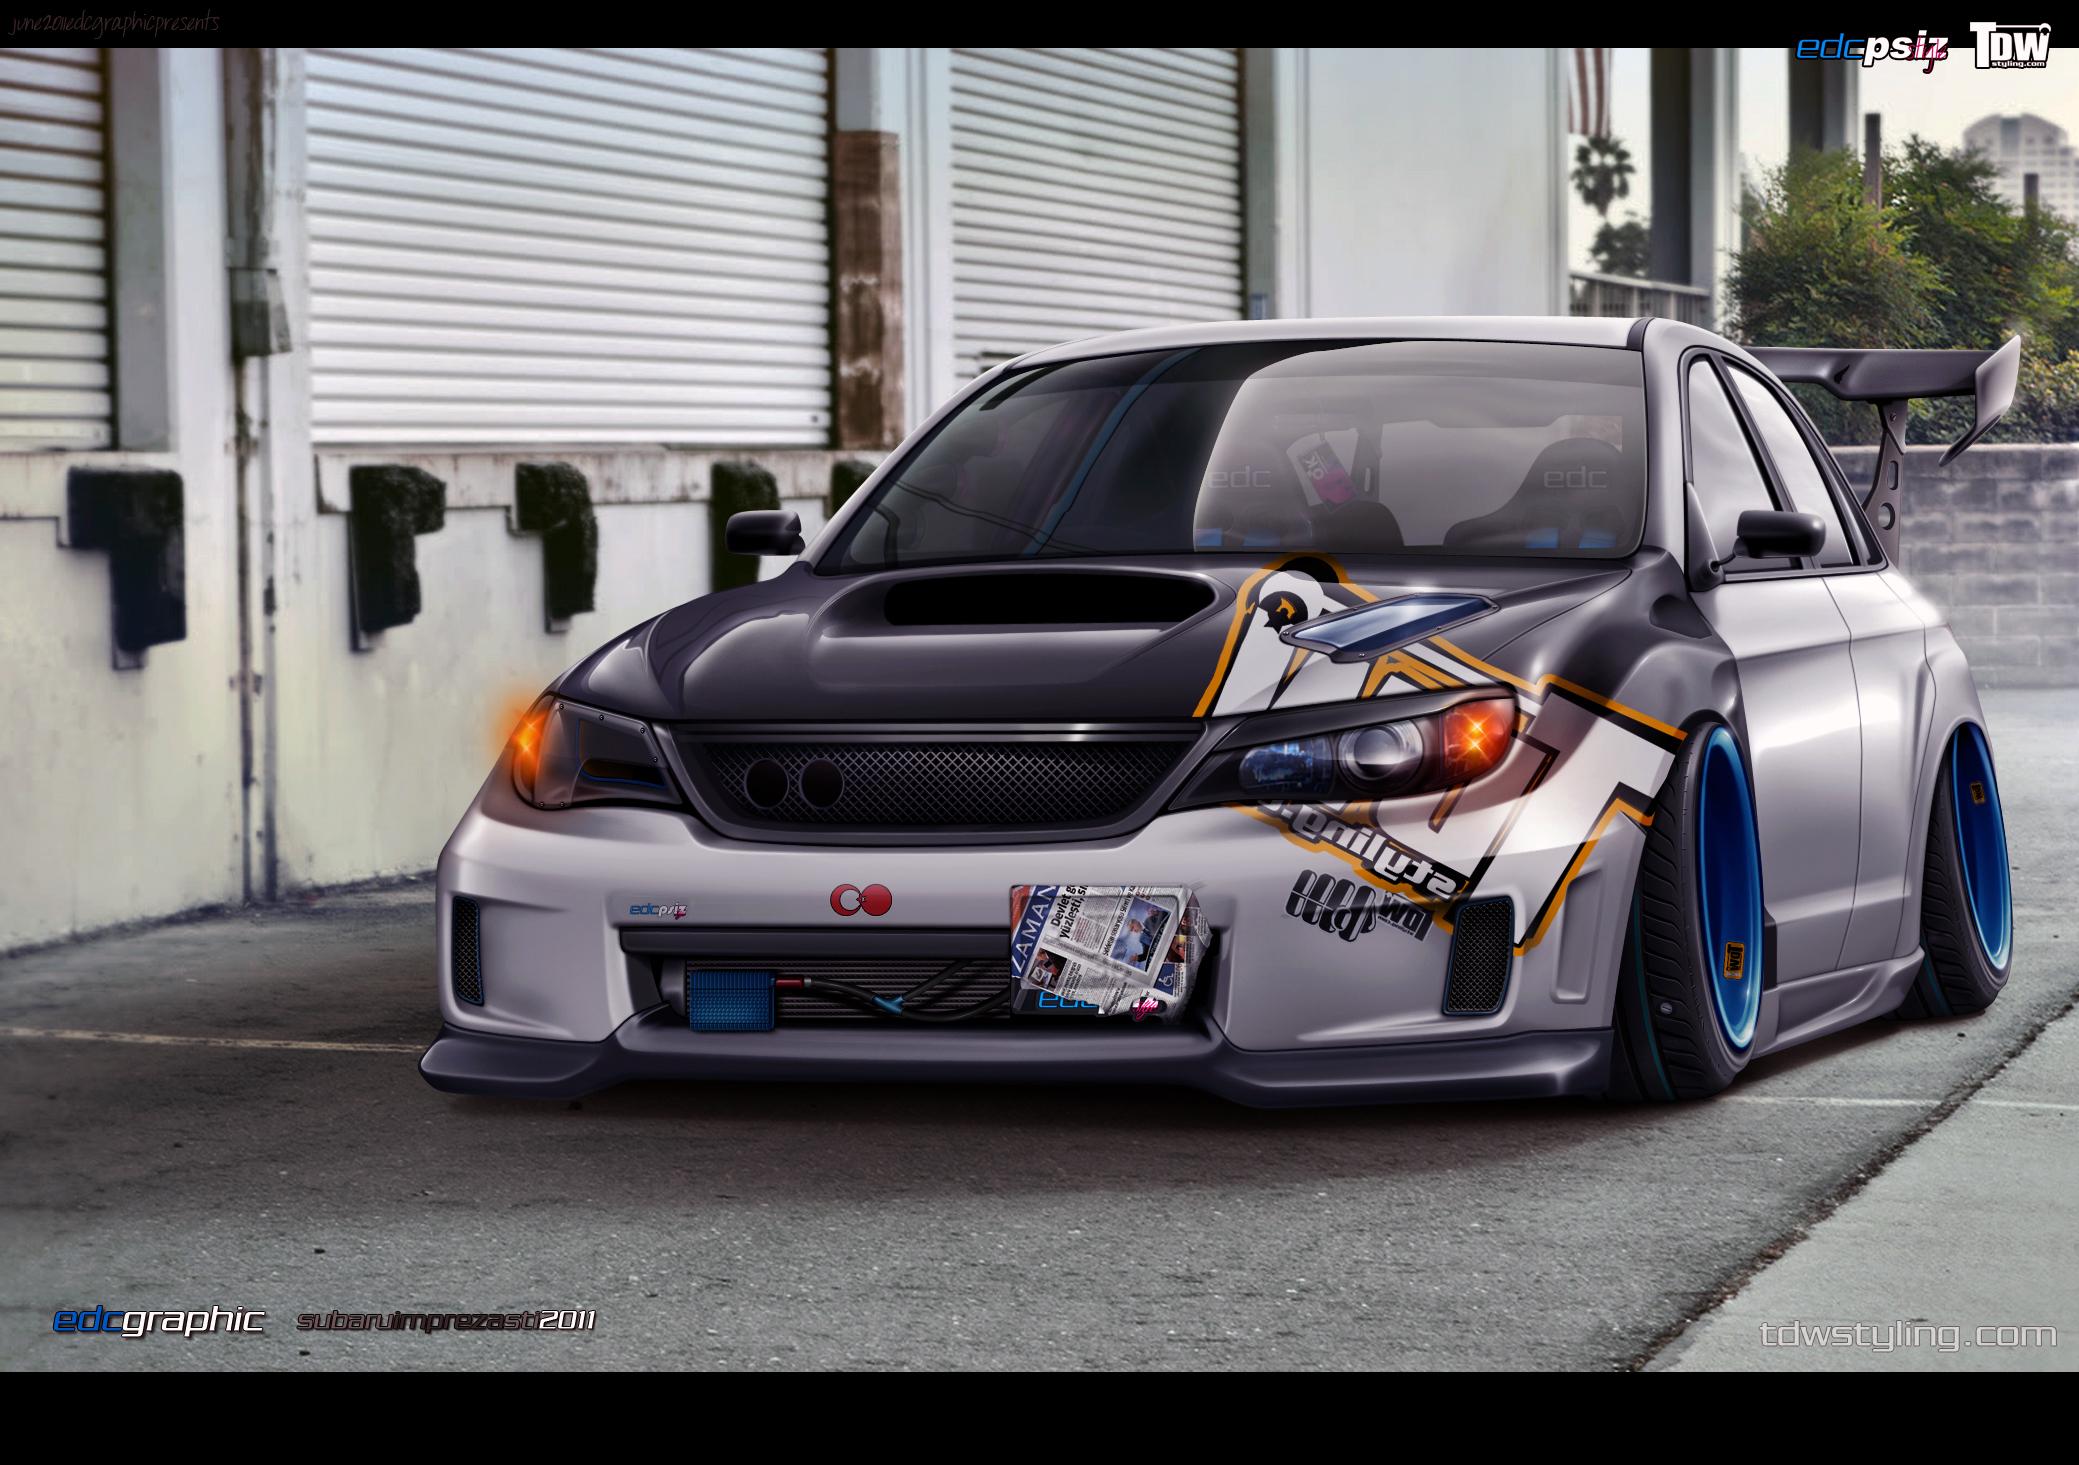 Subaru Impreza Sti by edcgraphic